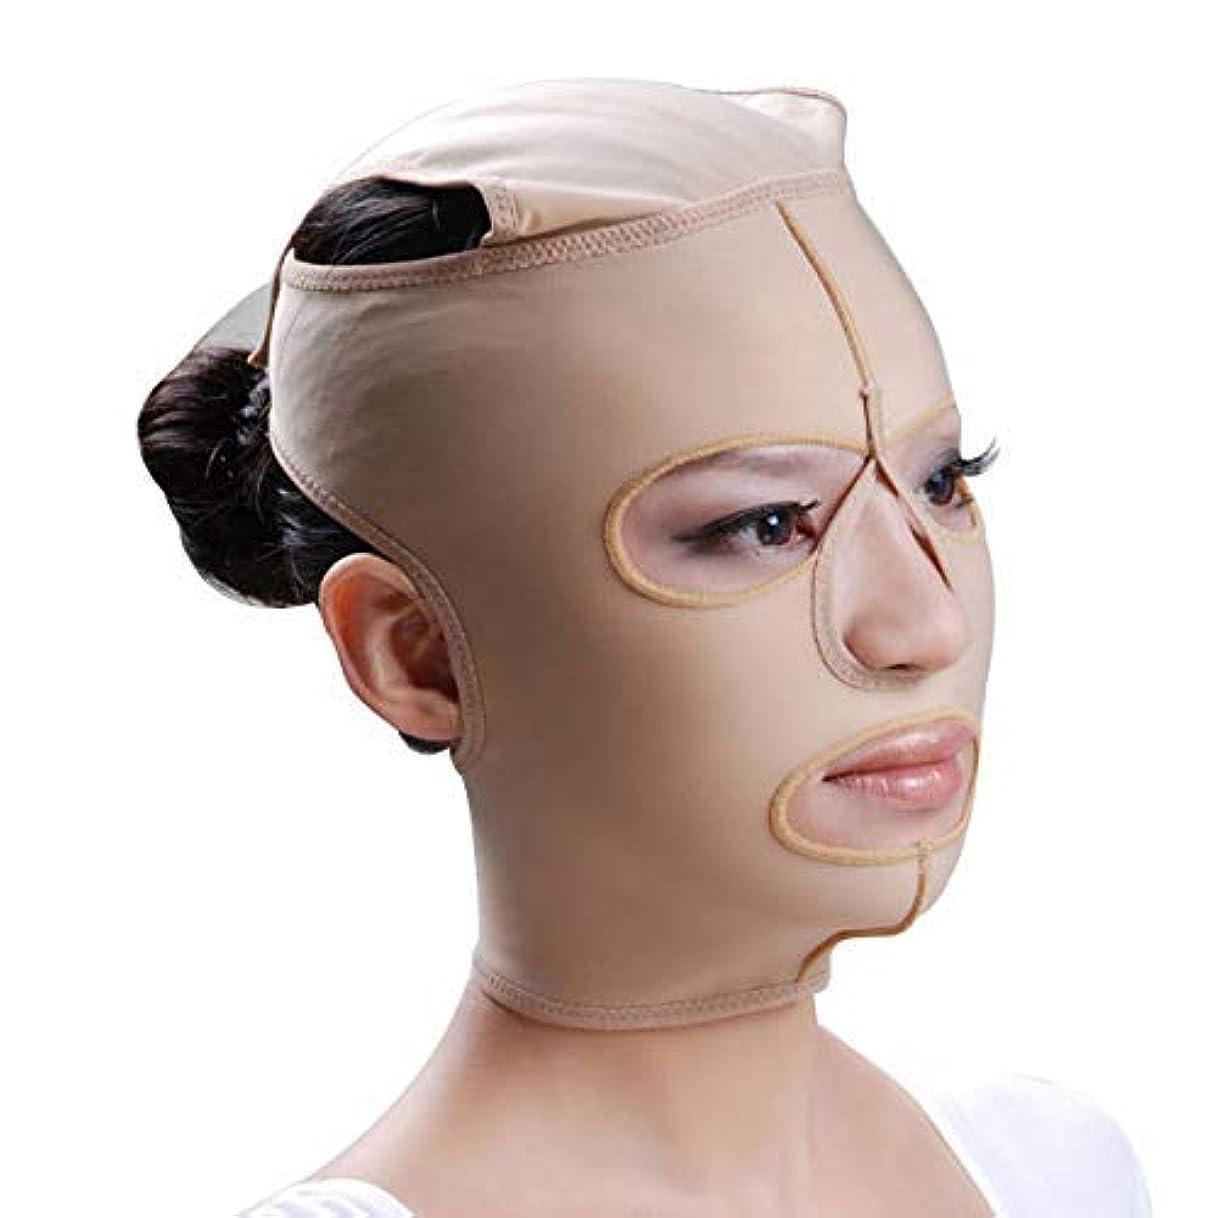 巨大なお酒スペースファーミングフェイスマスク、フェイシャルマスクエラスティックフェイスリフティングリフティングファーミングパターンマイクロフィニッシングポストモデリングコンプレッションフェイスマスク(サイズ:S),Xl